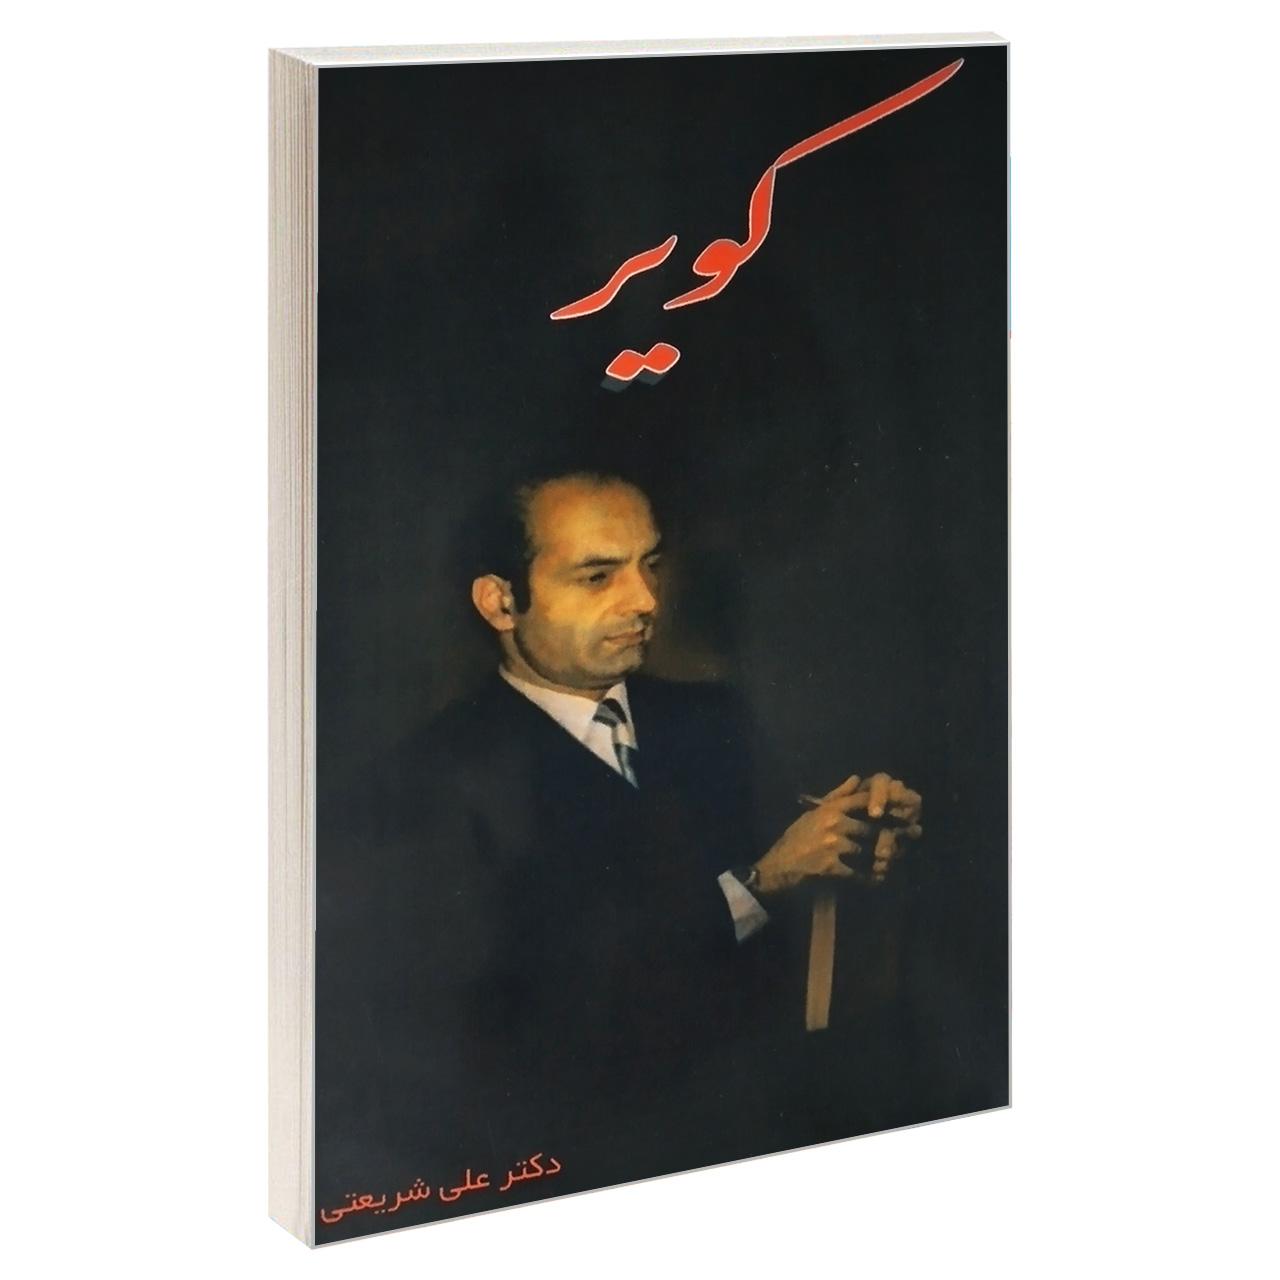 خرید                      کتاب کویر اثر دکتر علی شریعتی انتشارات ایران جوان